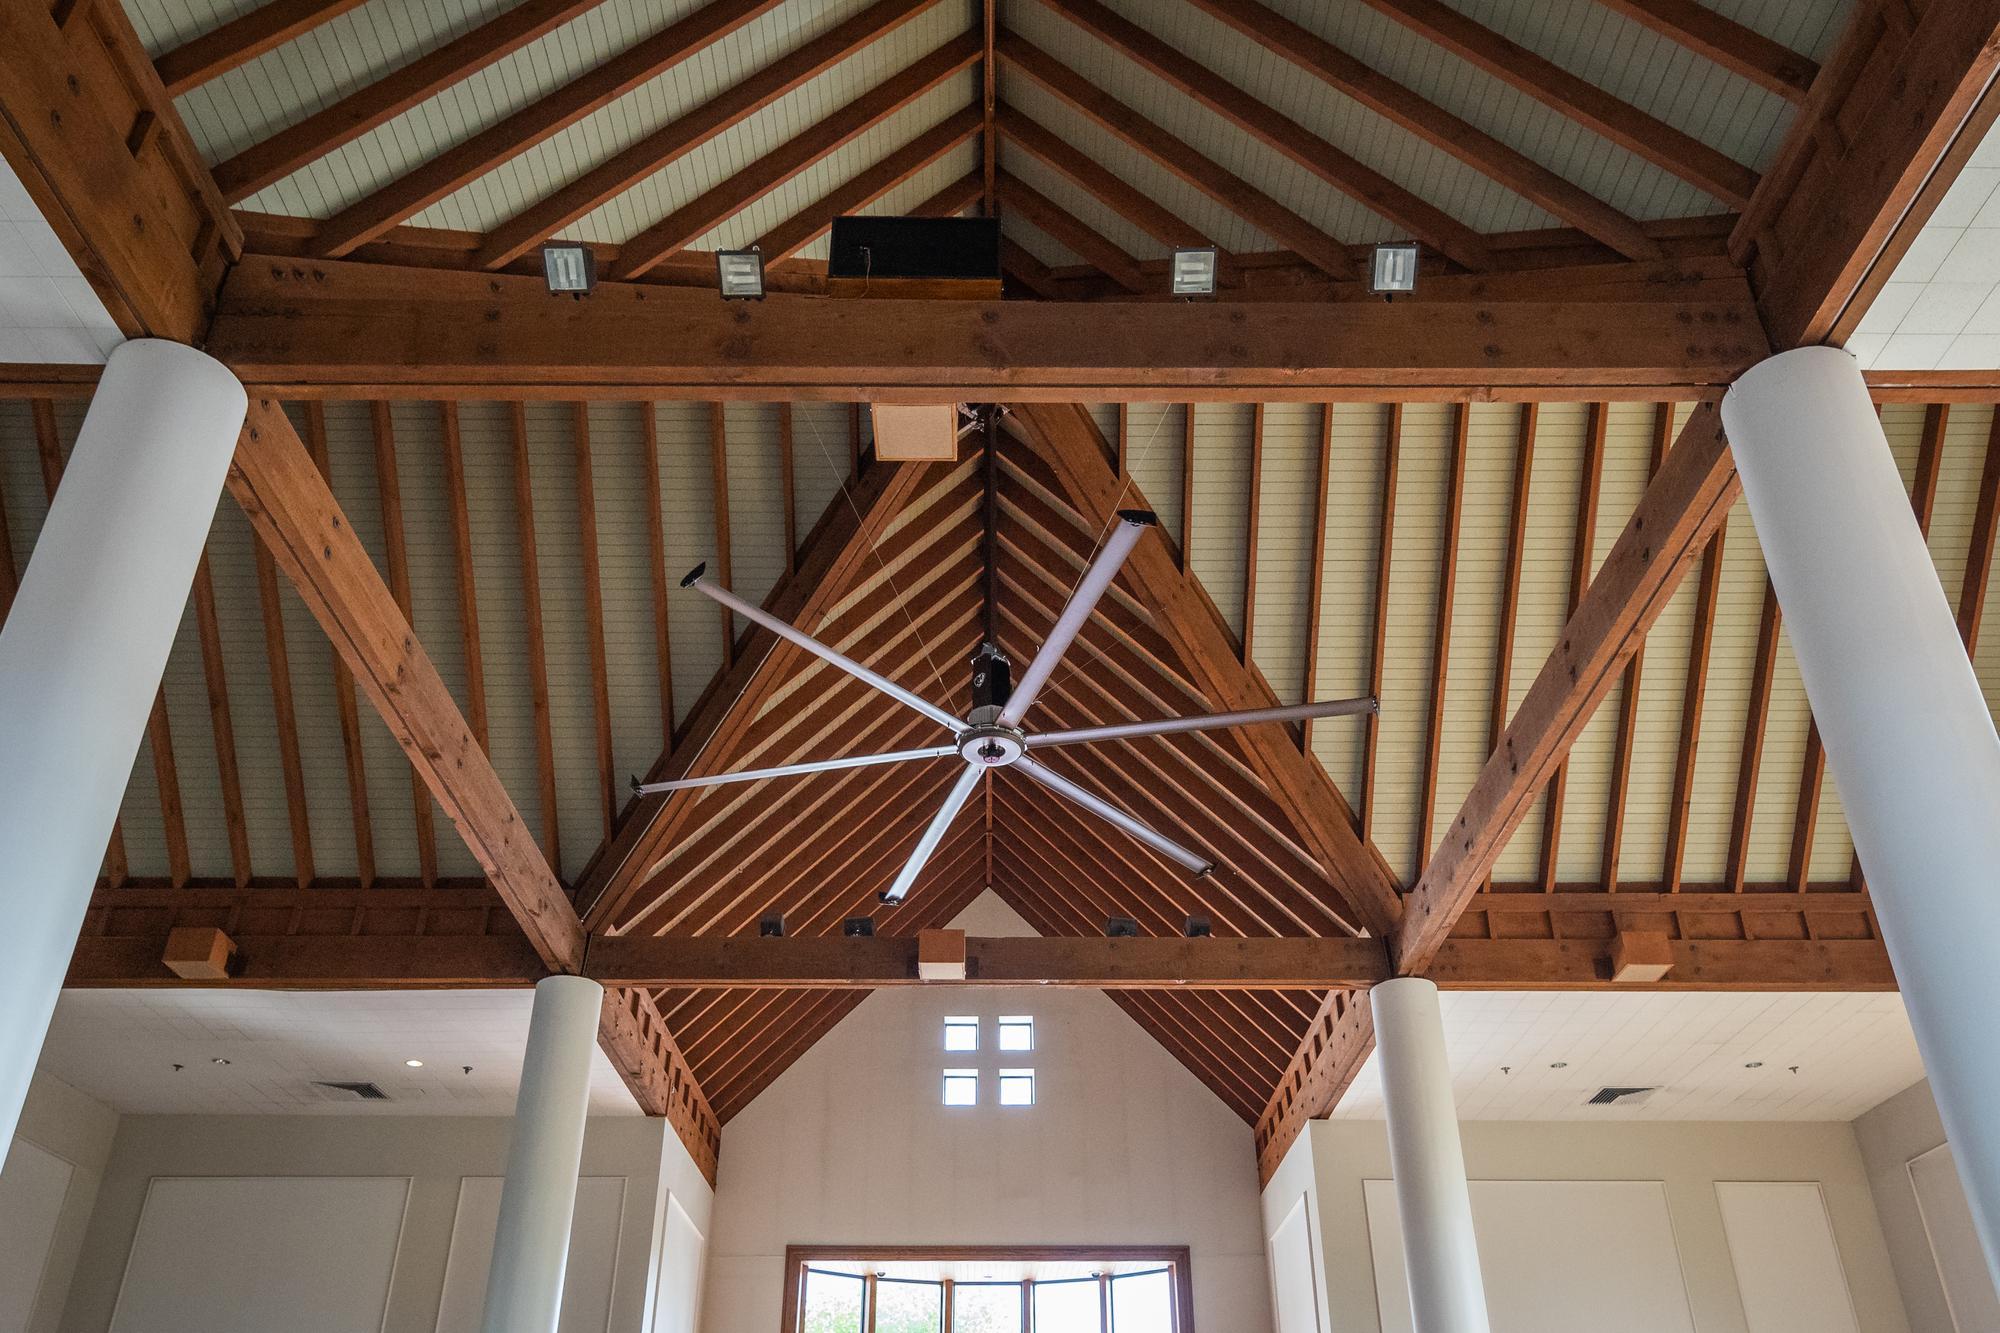 ion-generating ceiling fan in Tilton Hall